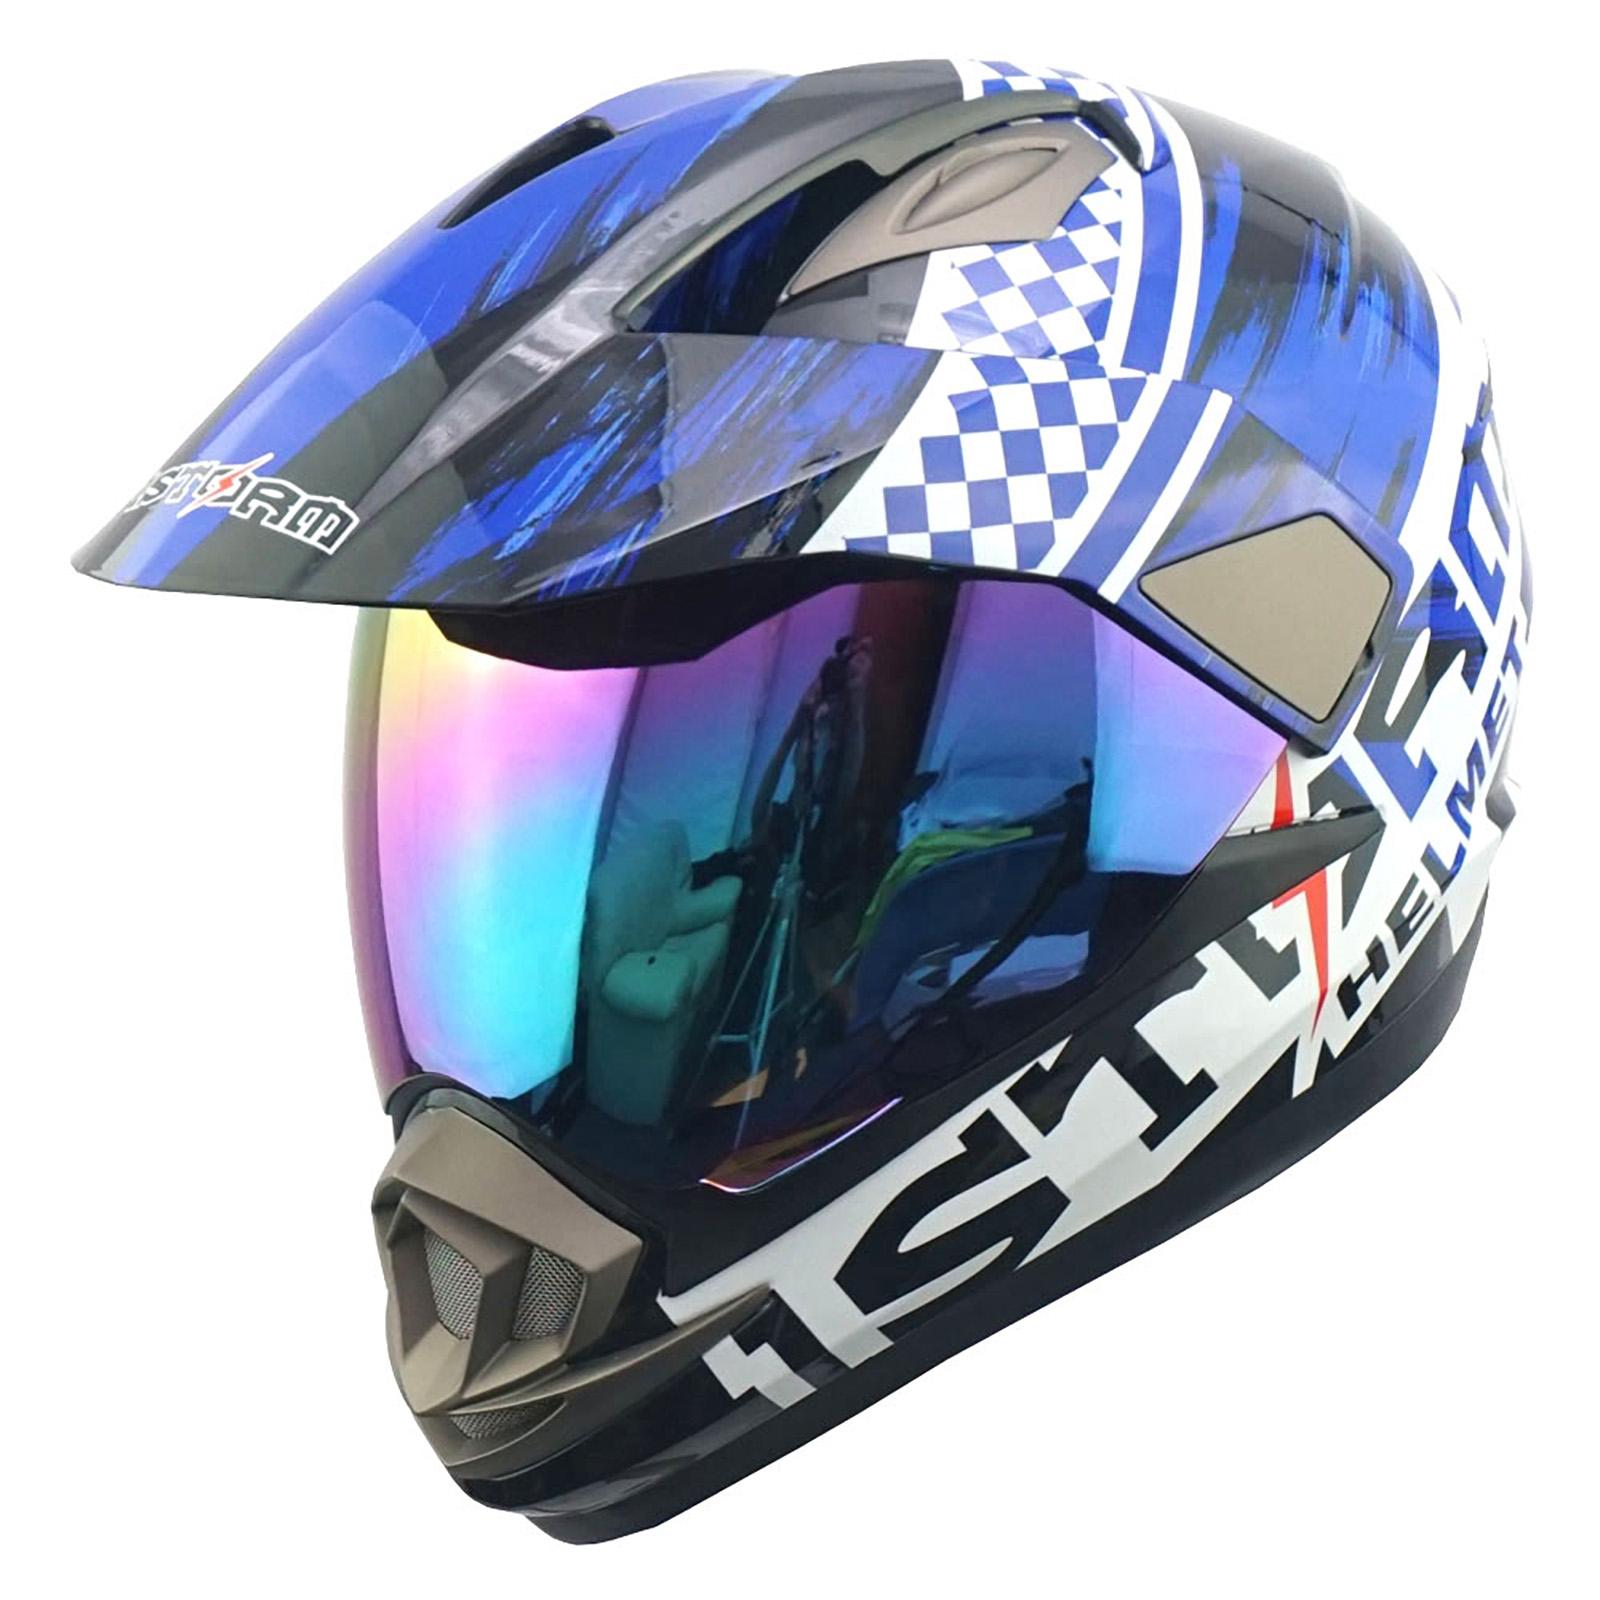 New Dual Sport Motorcycle Motocross MX ATV Dirt Bike Full Face Helmet Storm Blue